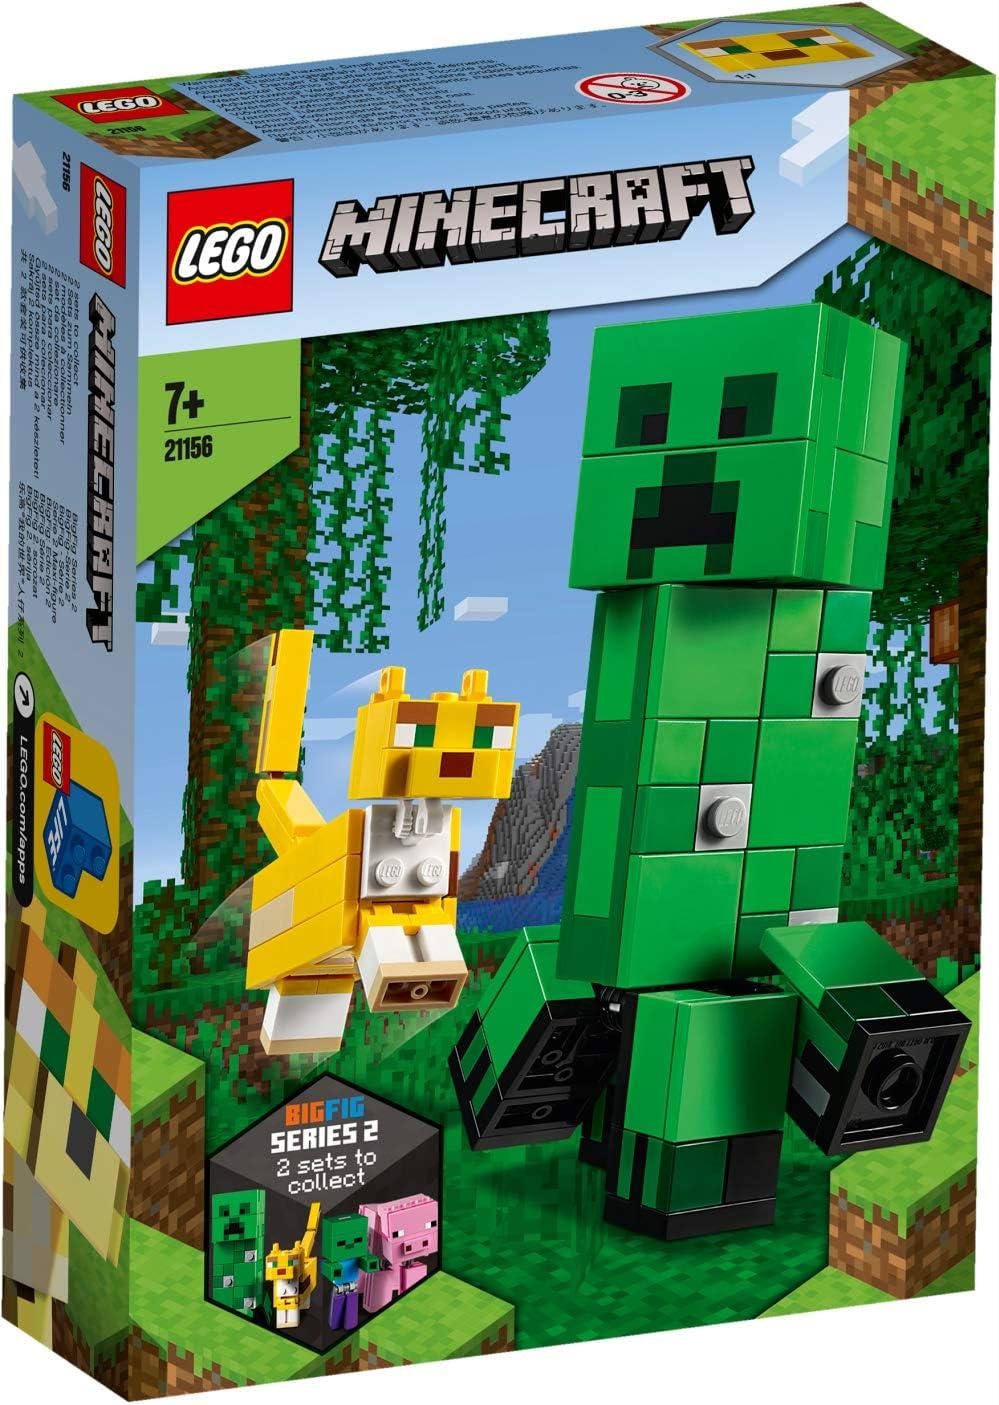 レゴ(LEGO) マインクラフト マインクラフト ビッグフィグ クリーパー(TM) とヤマネコ 21156